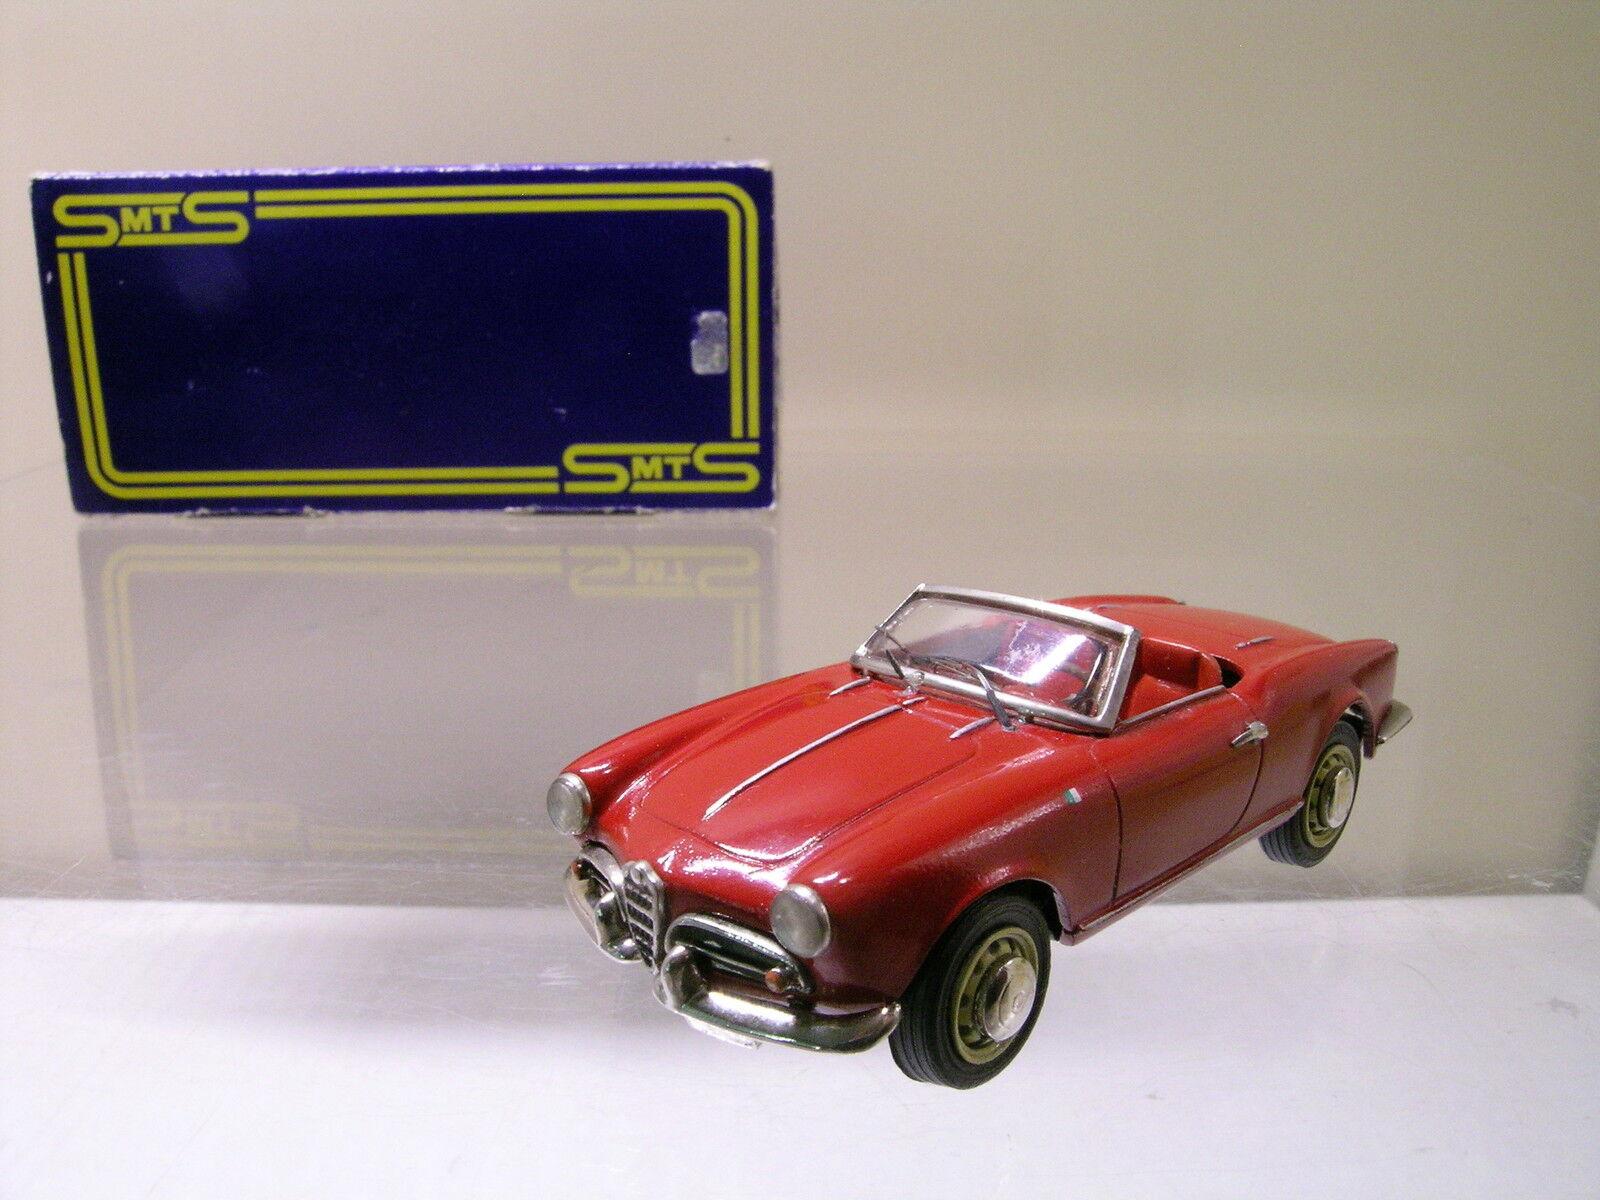 SMTS-MODELS CL15 ALFA ROMEO GIULIETTA SPYDER OPEN Rojo  BOX 143